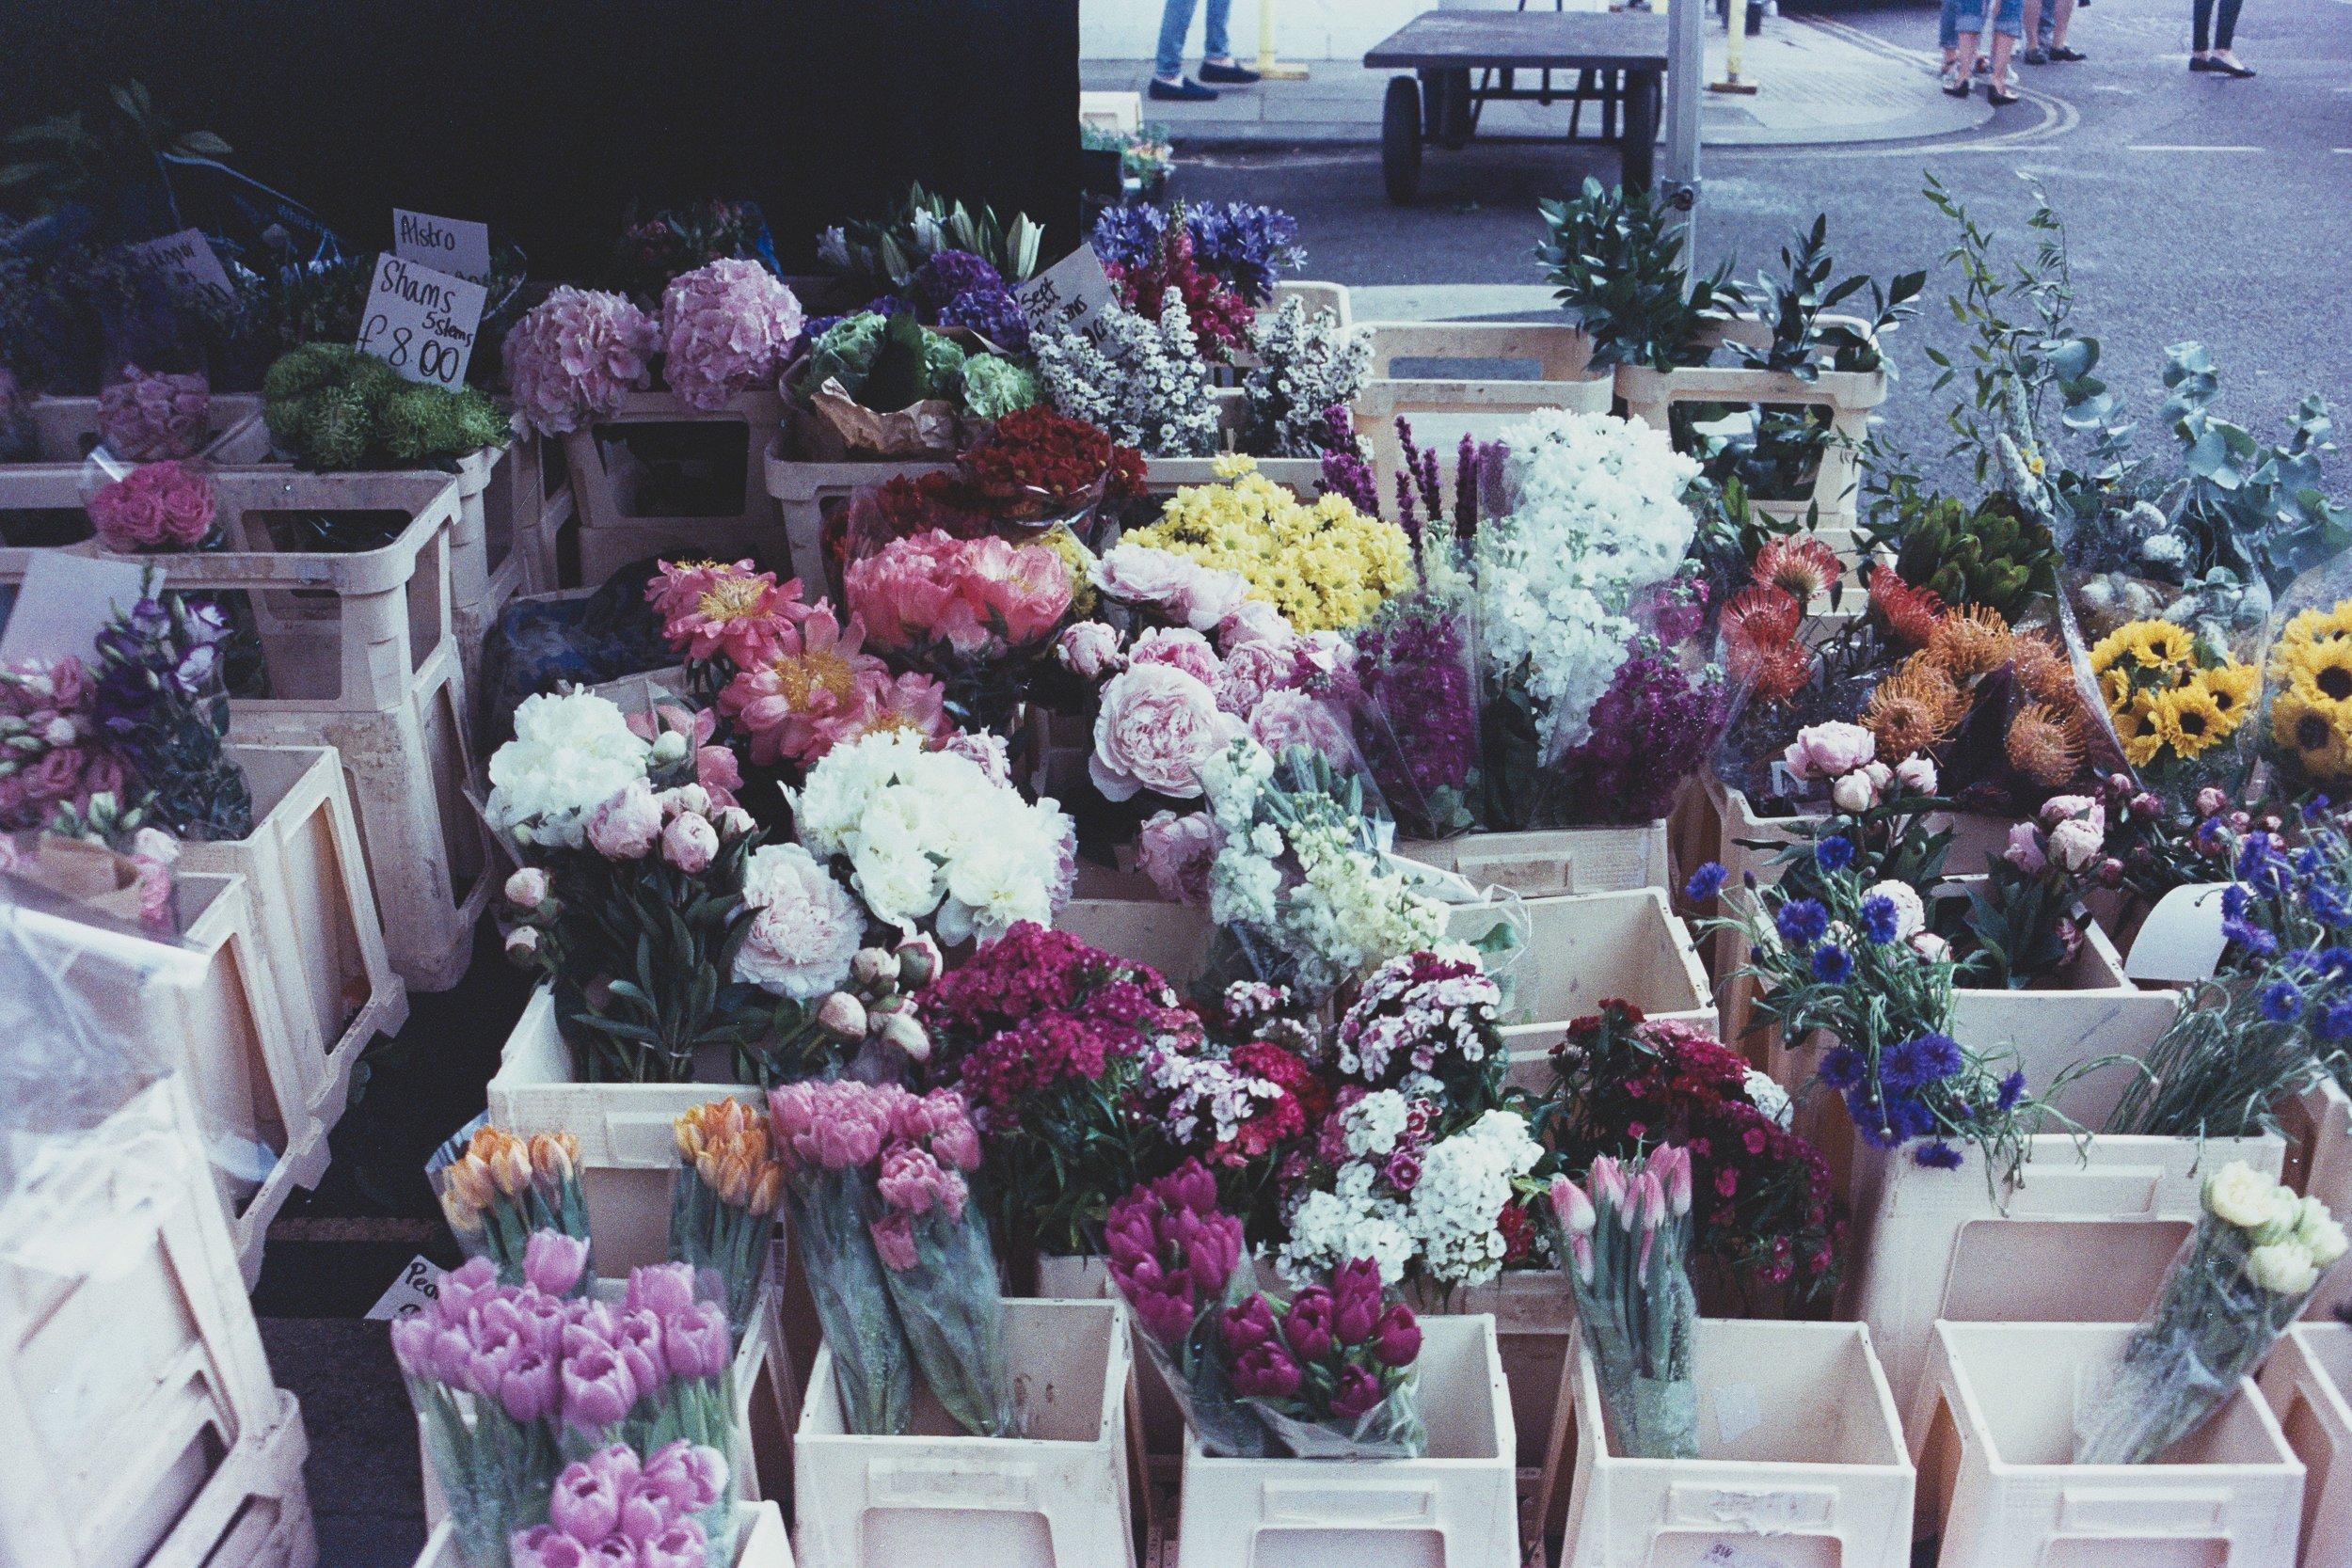 florencia-viadana-730004-unsplash.jpg